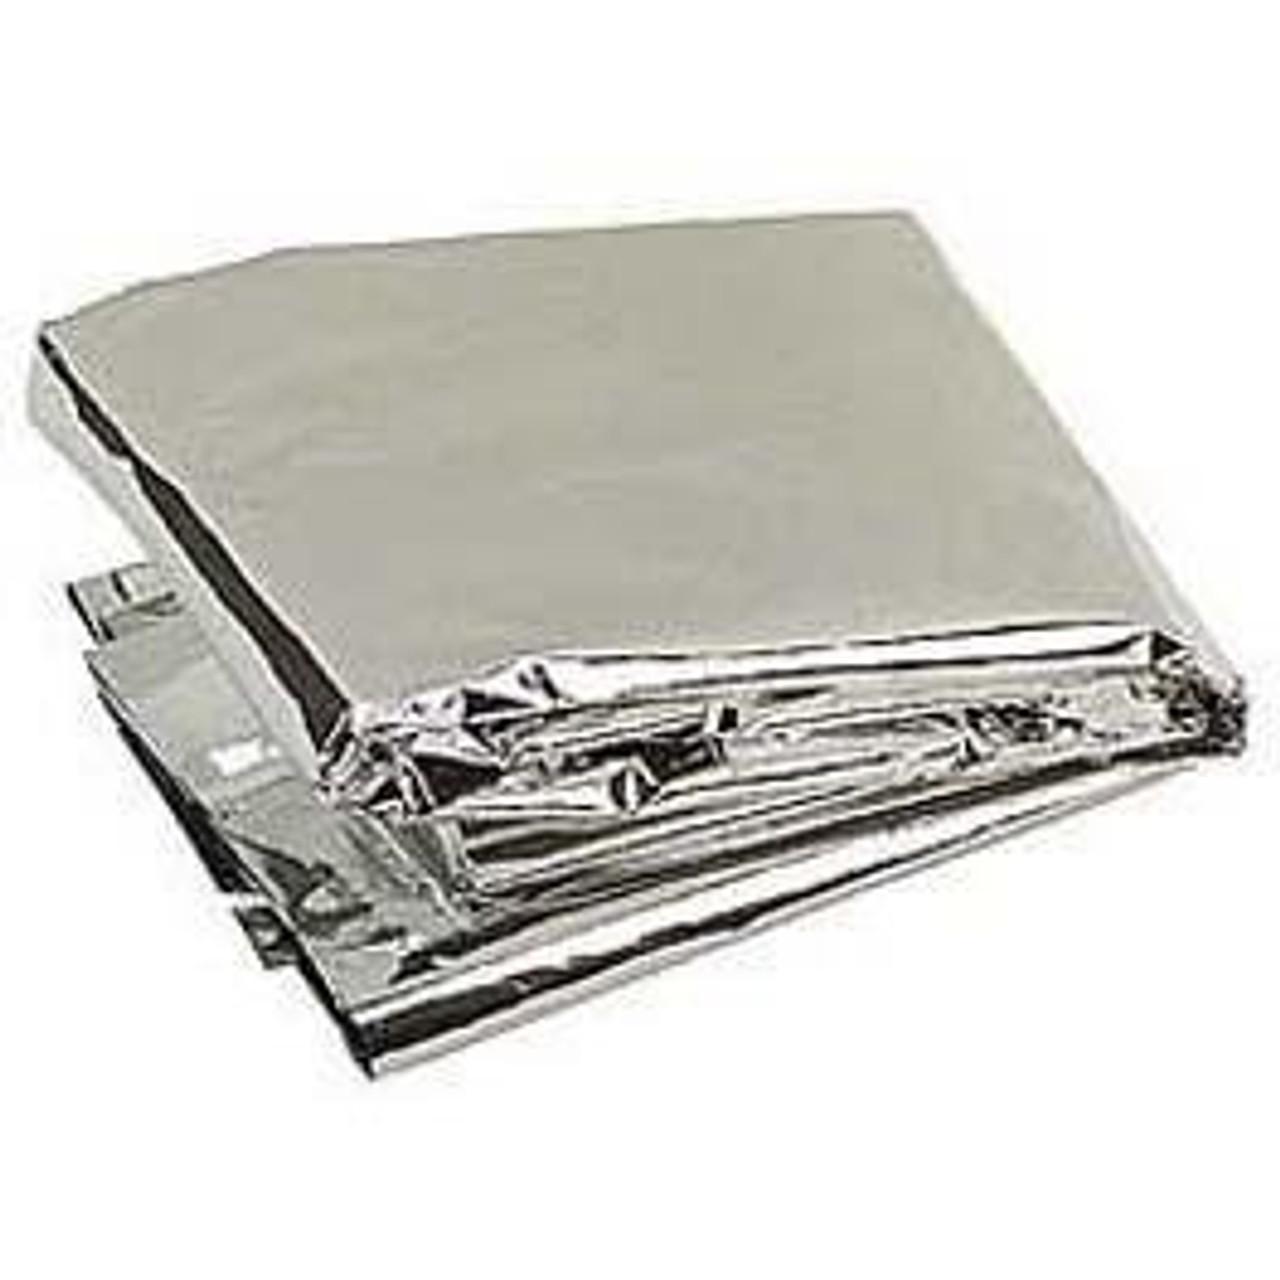 Thermal Emergency Blanket - Silver